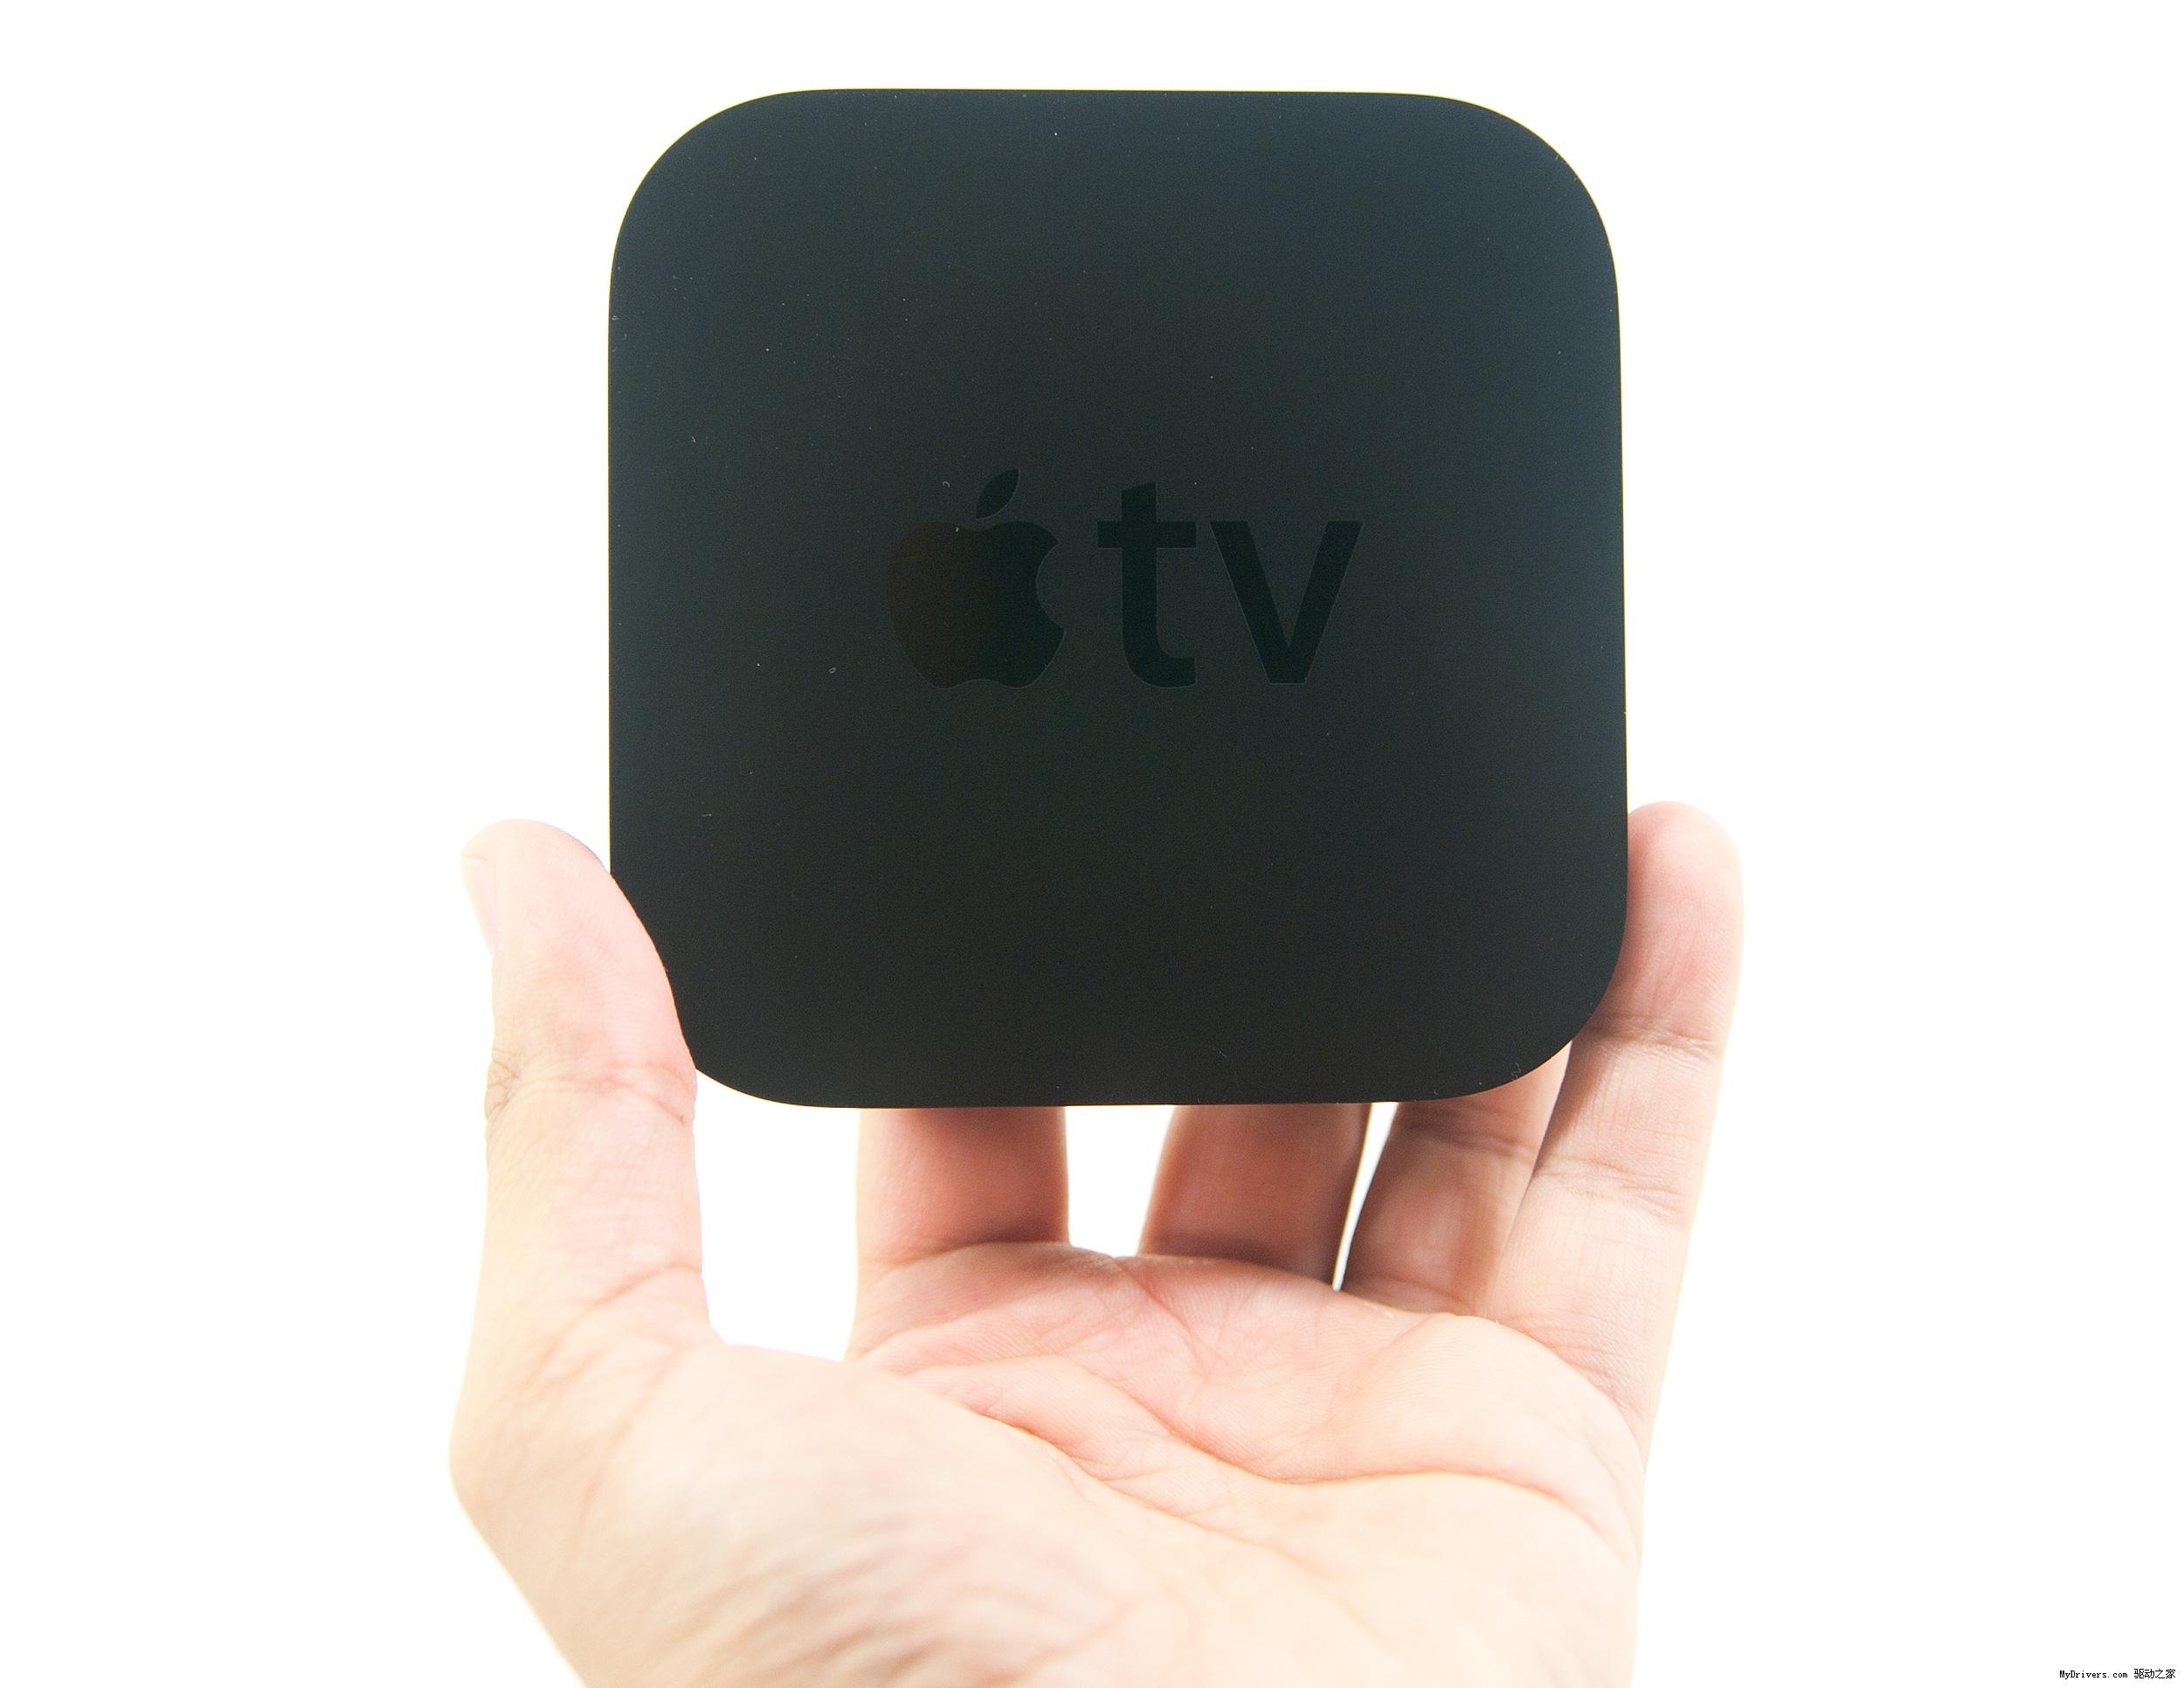 苹果/苹果新款Apple TV拆解图赏